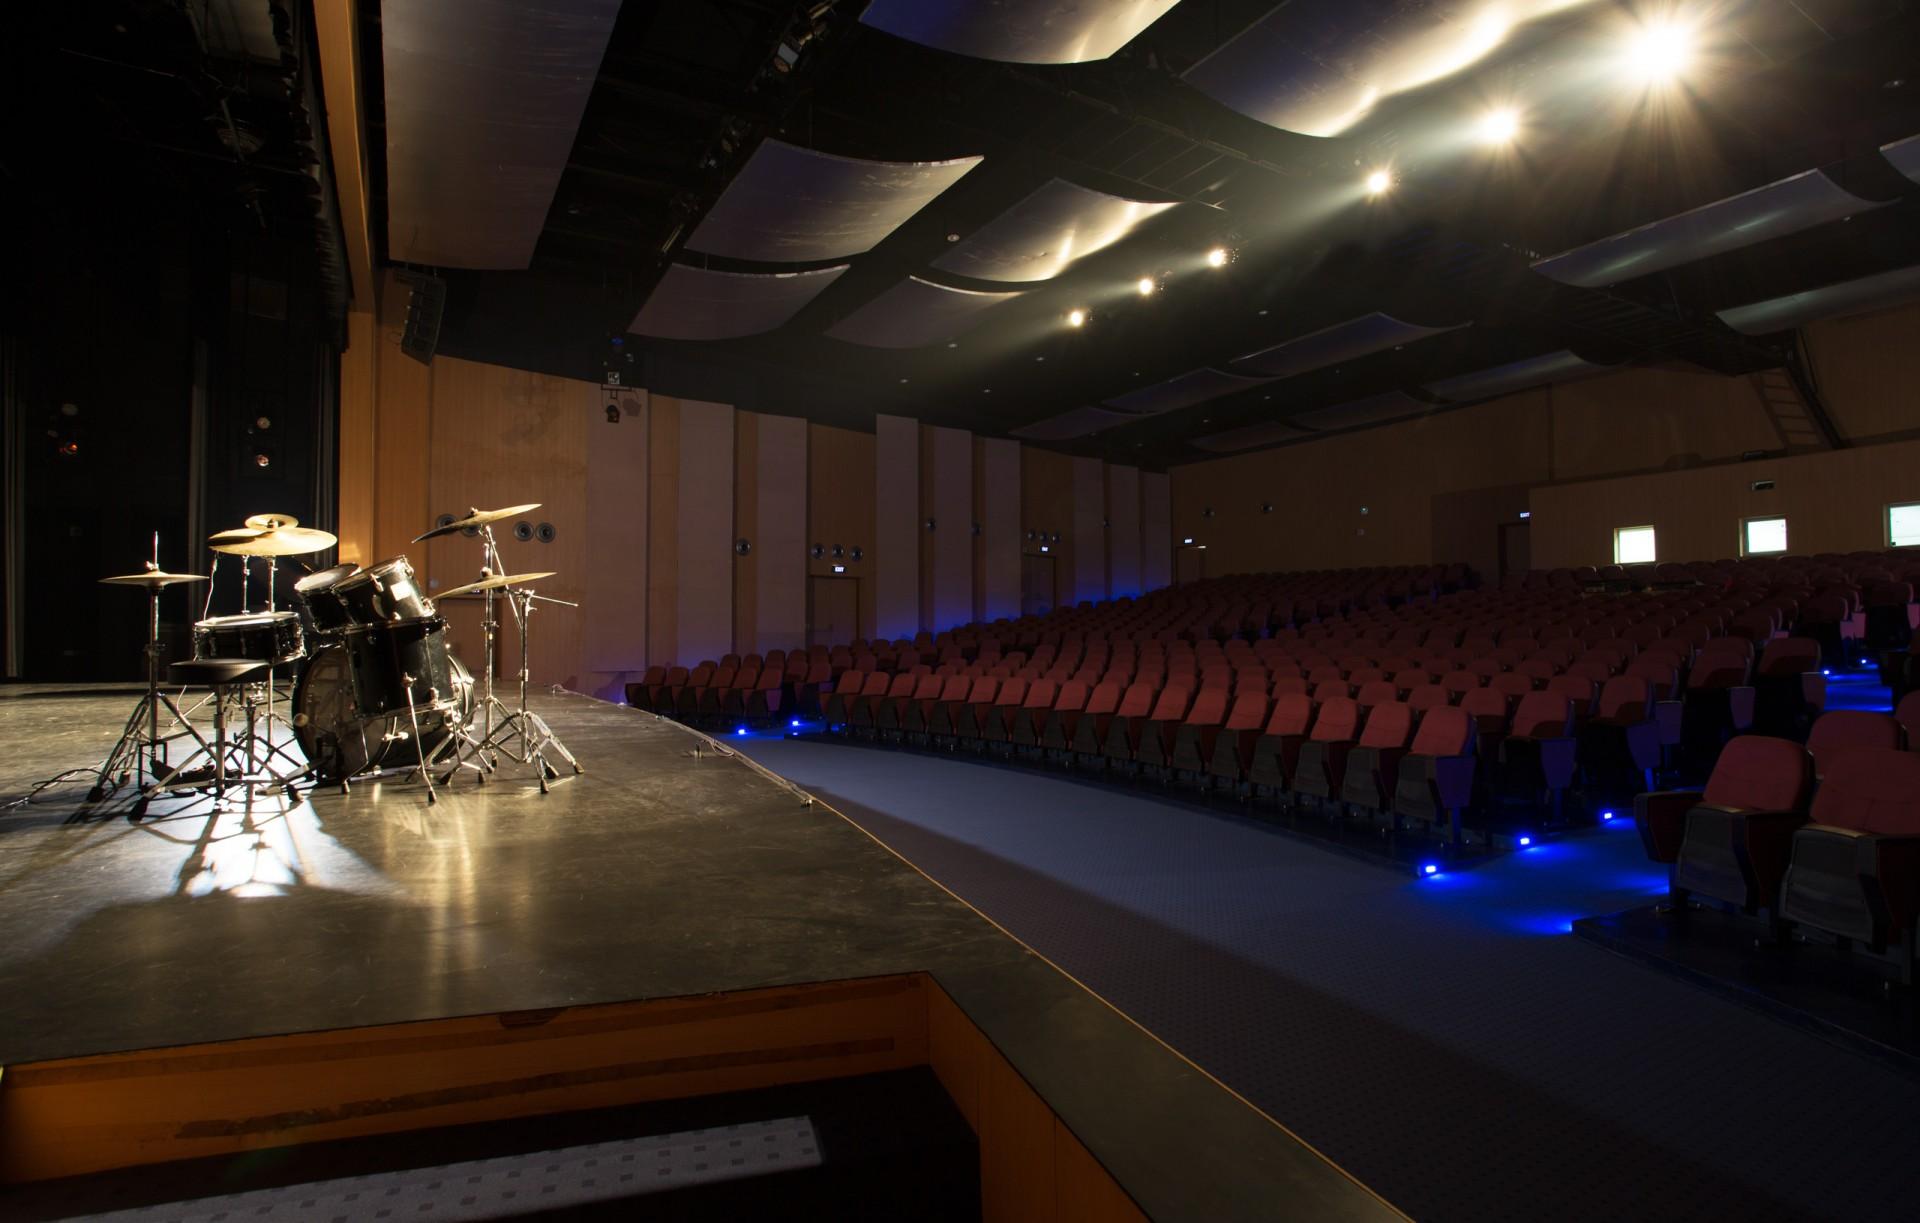 American School Auditorium